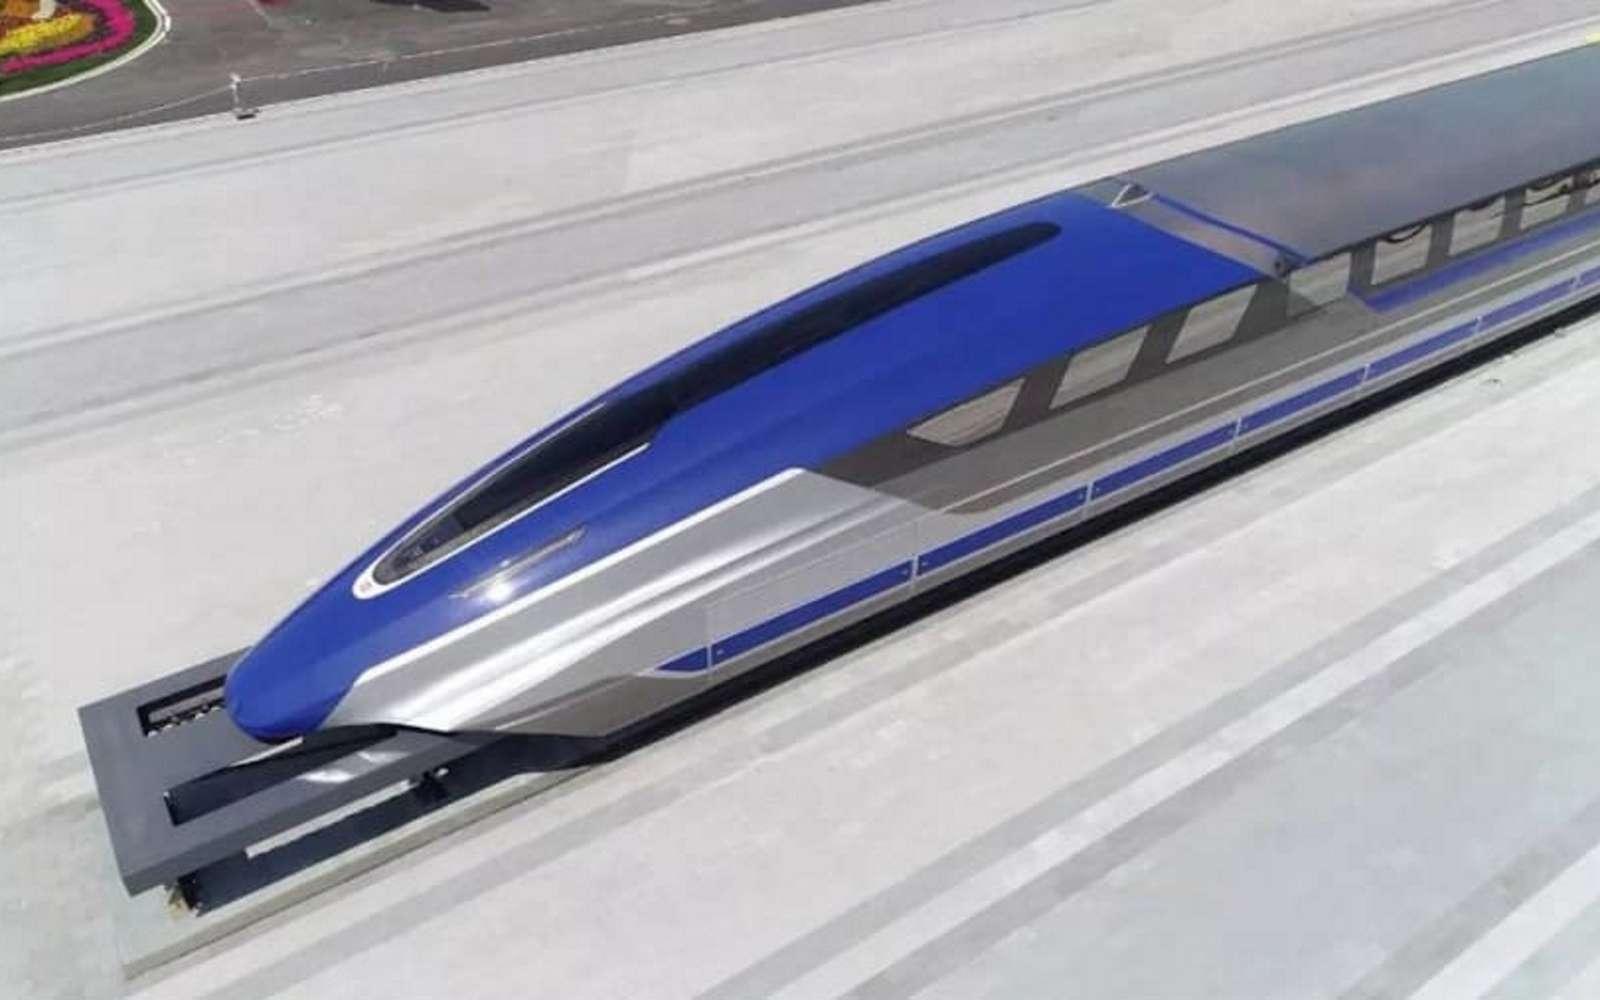 Le Maglev chinois pourrait permettre de parcourir les 1.300 km qui séparent Shanghai de Pékin en seulement 3 h 30 min. © CRRC